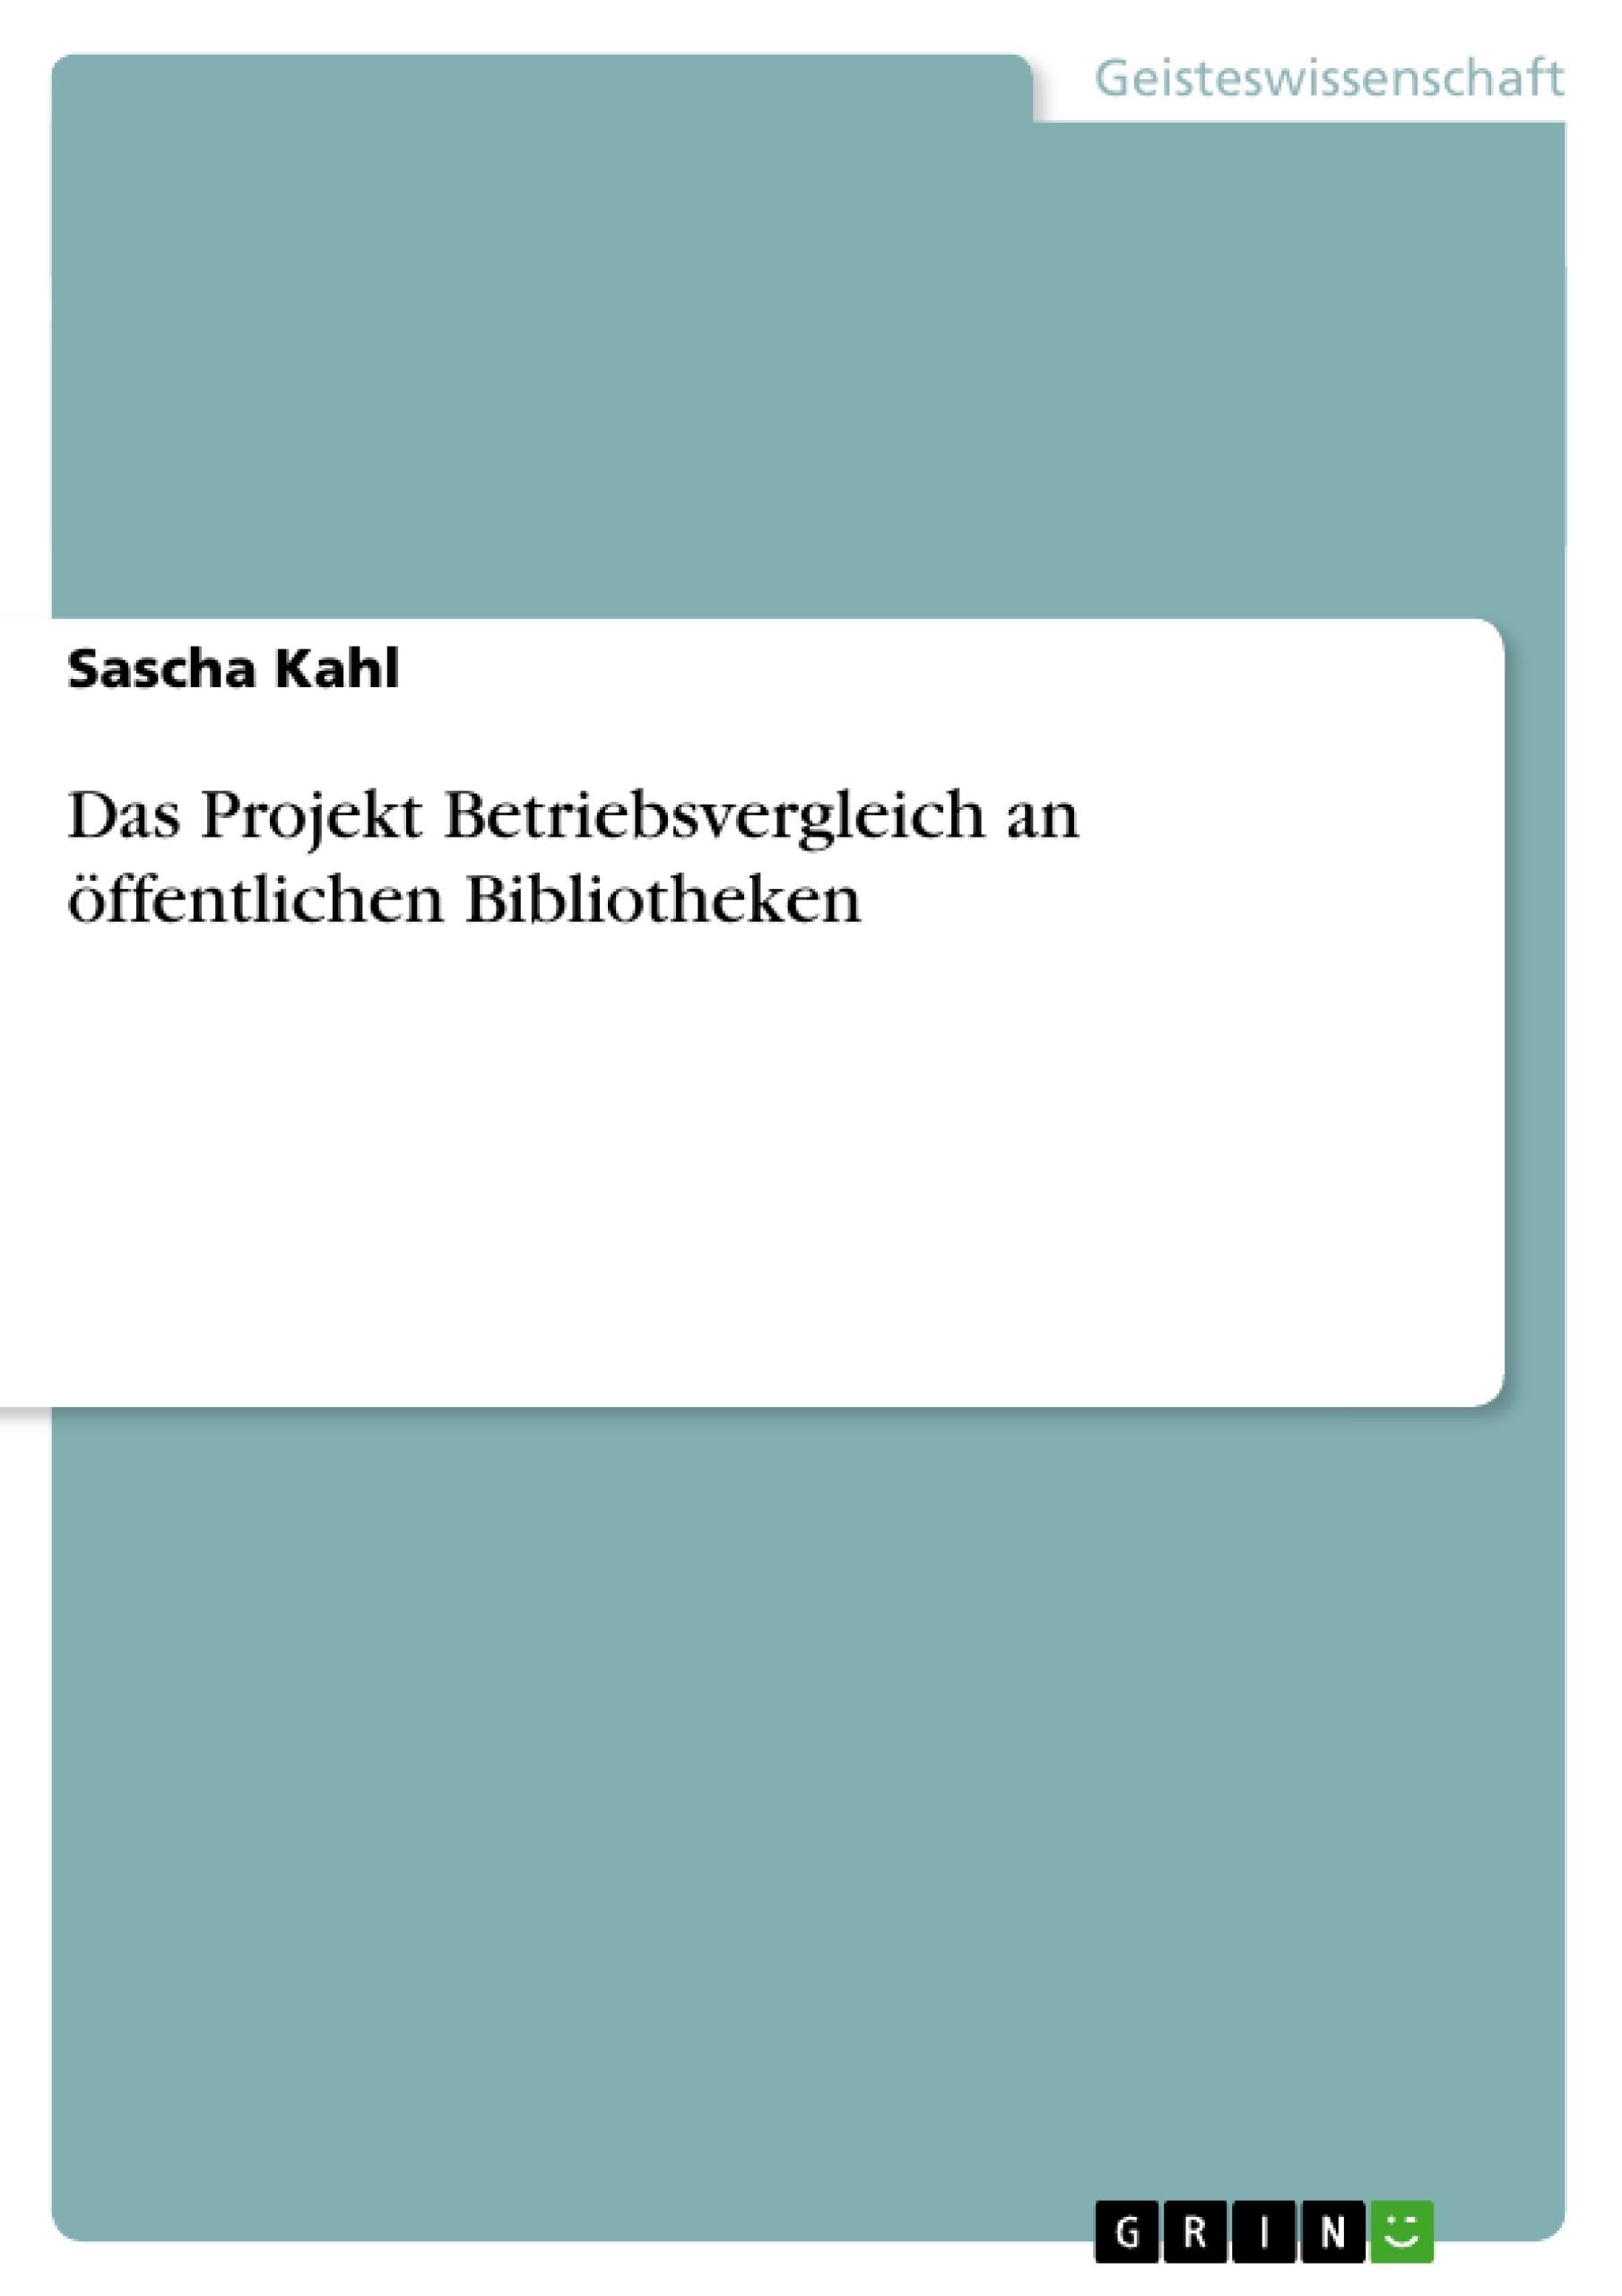 Titel: Das Projekt Betriebsvergleich an öffentlichen Bibliotheken